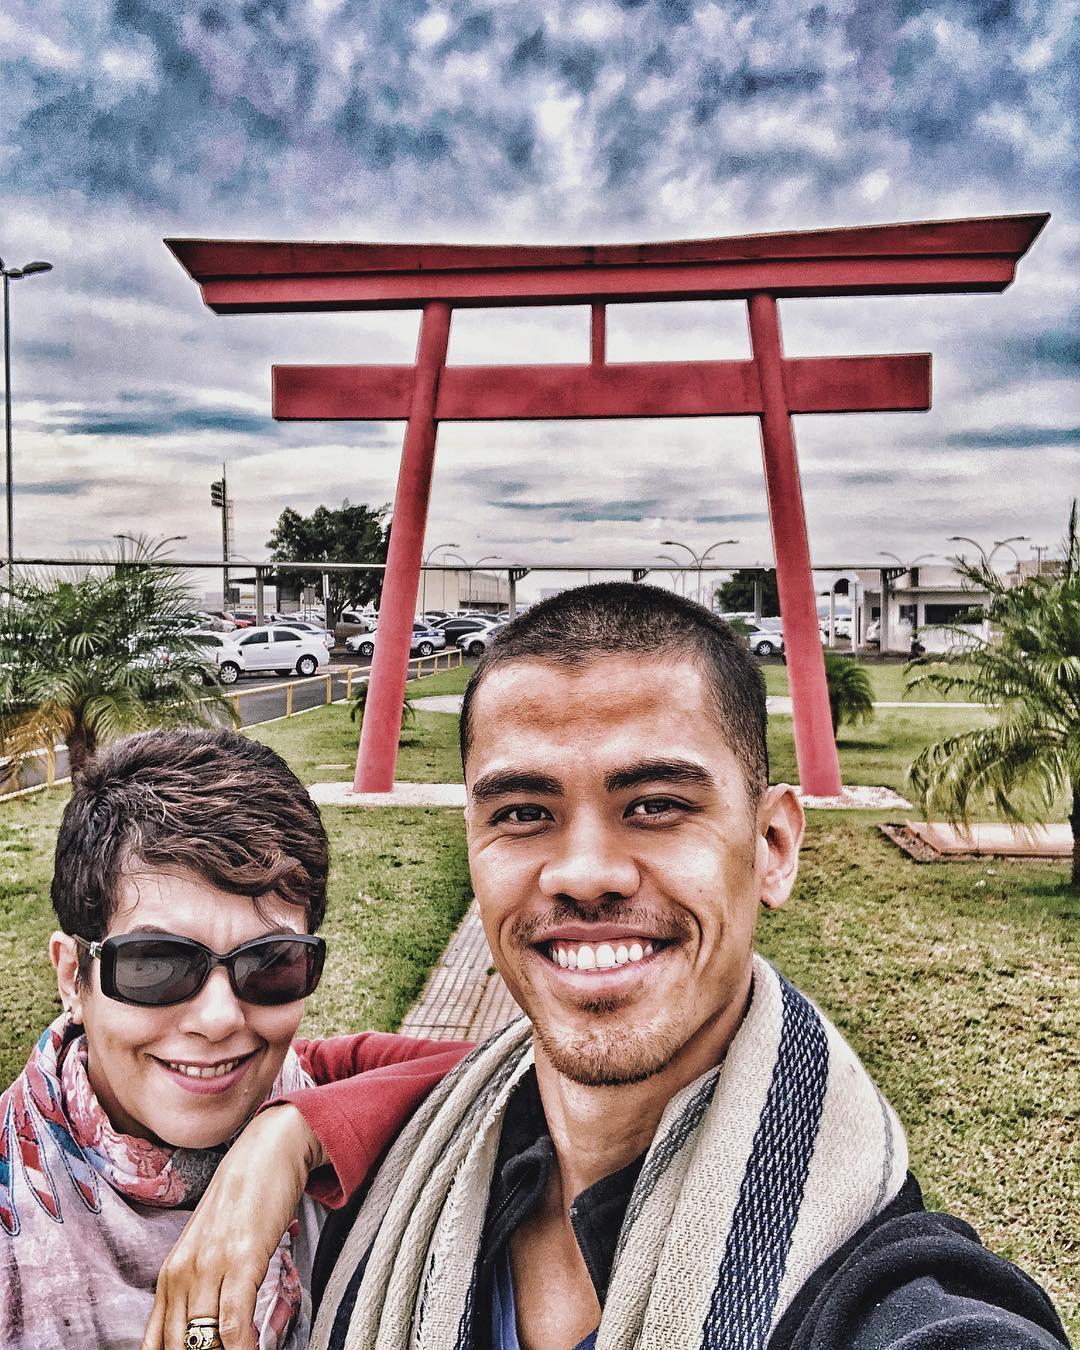 Minha_Primeira_Viagem_a_Asia_Japao_Brasil_Tailandia